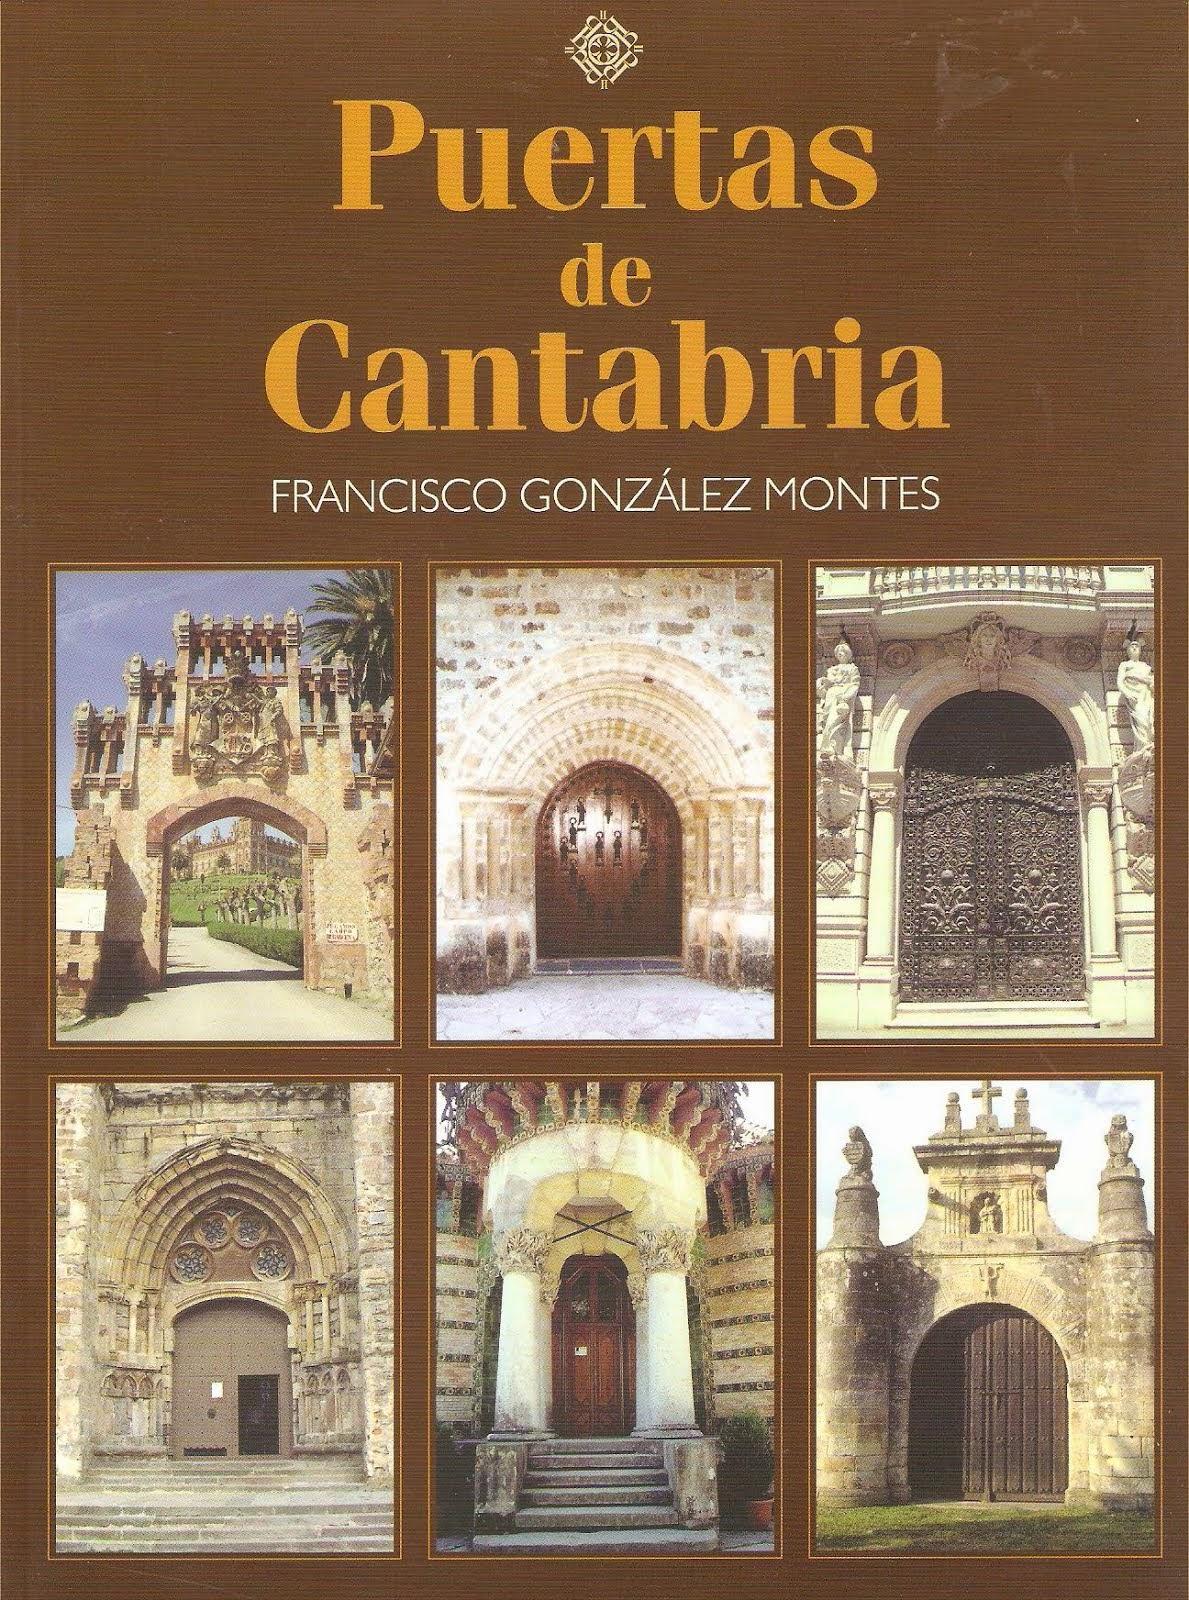 Puertas de Cantabria